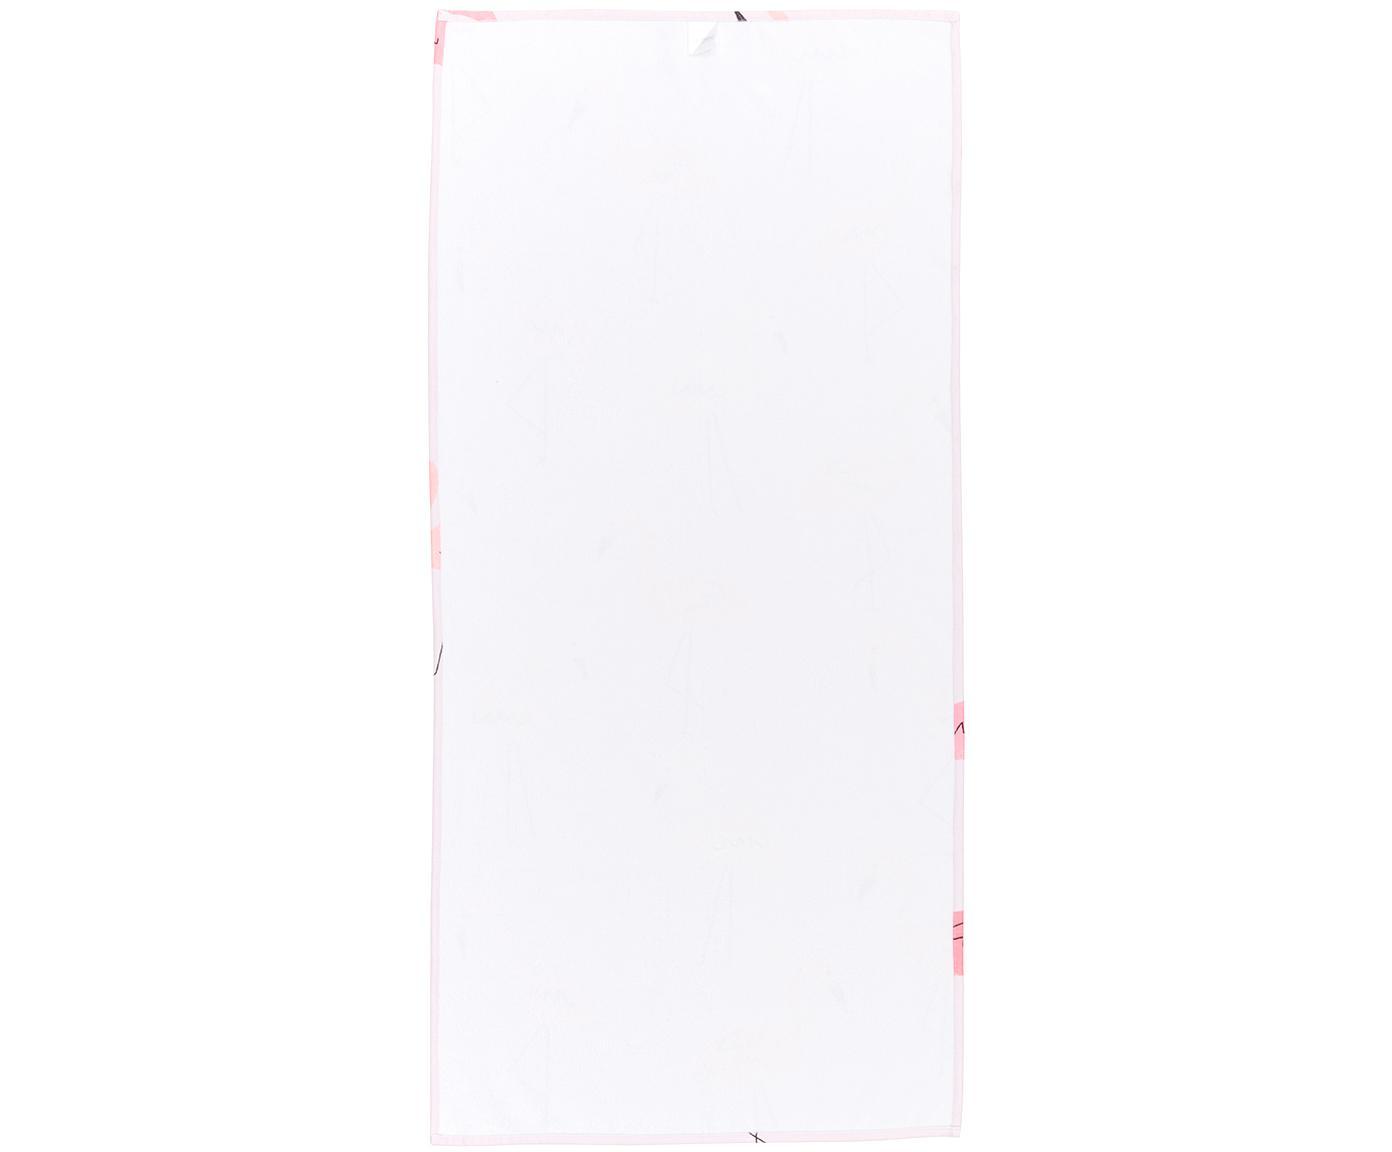 Ręcznik plażowy Mina, 55% poliester, 45% bawełna Bardzo niska gramatura, 340 g/m², Blady różowy, S 70 x D 150 cm